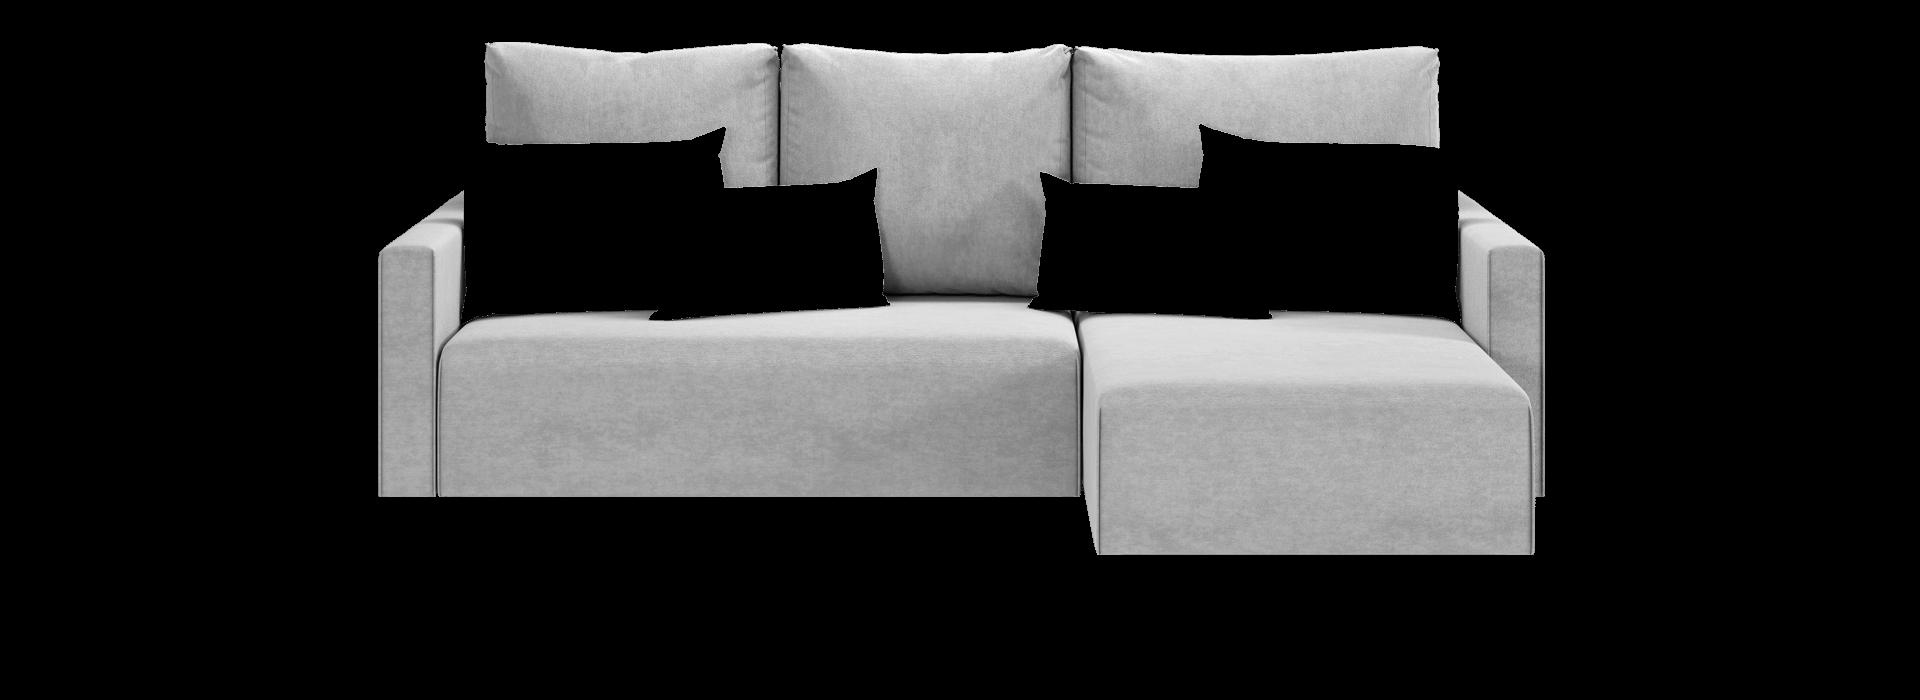 Блейк кутовий диван - маска 1